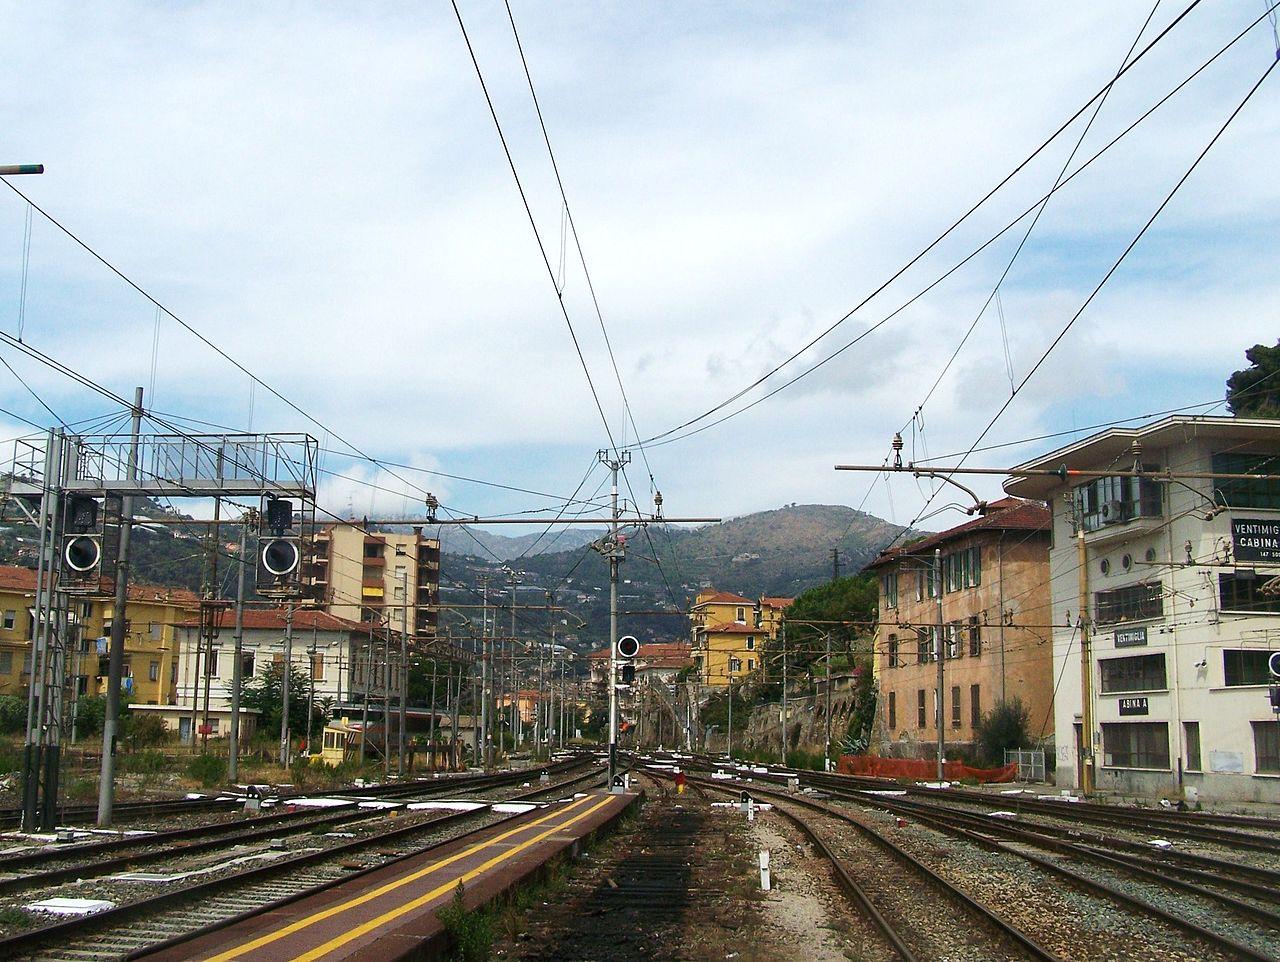 arrivee_de_ligne_marseille-vintimille_italie.JPG